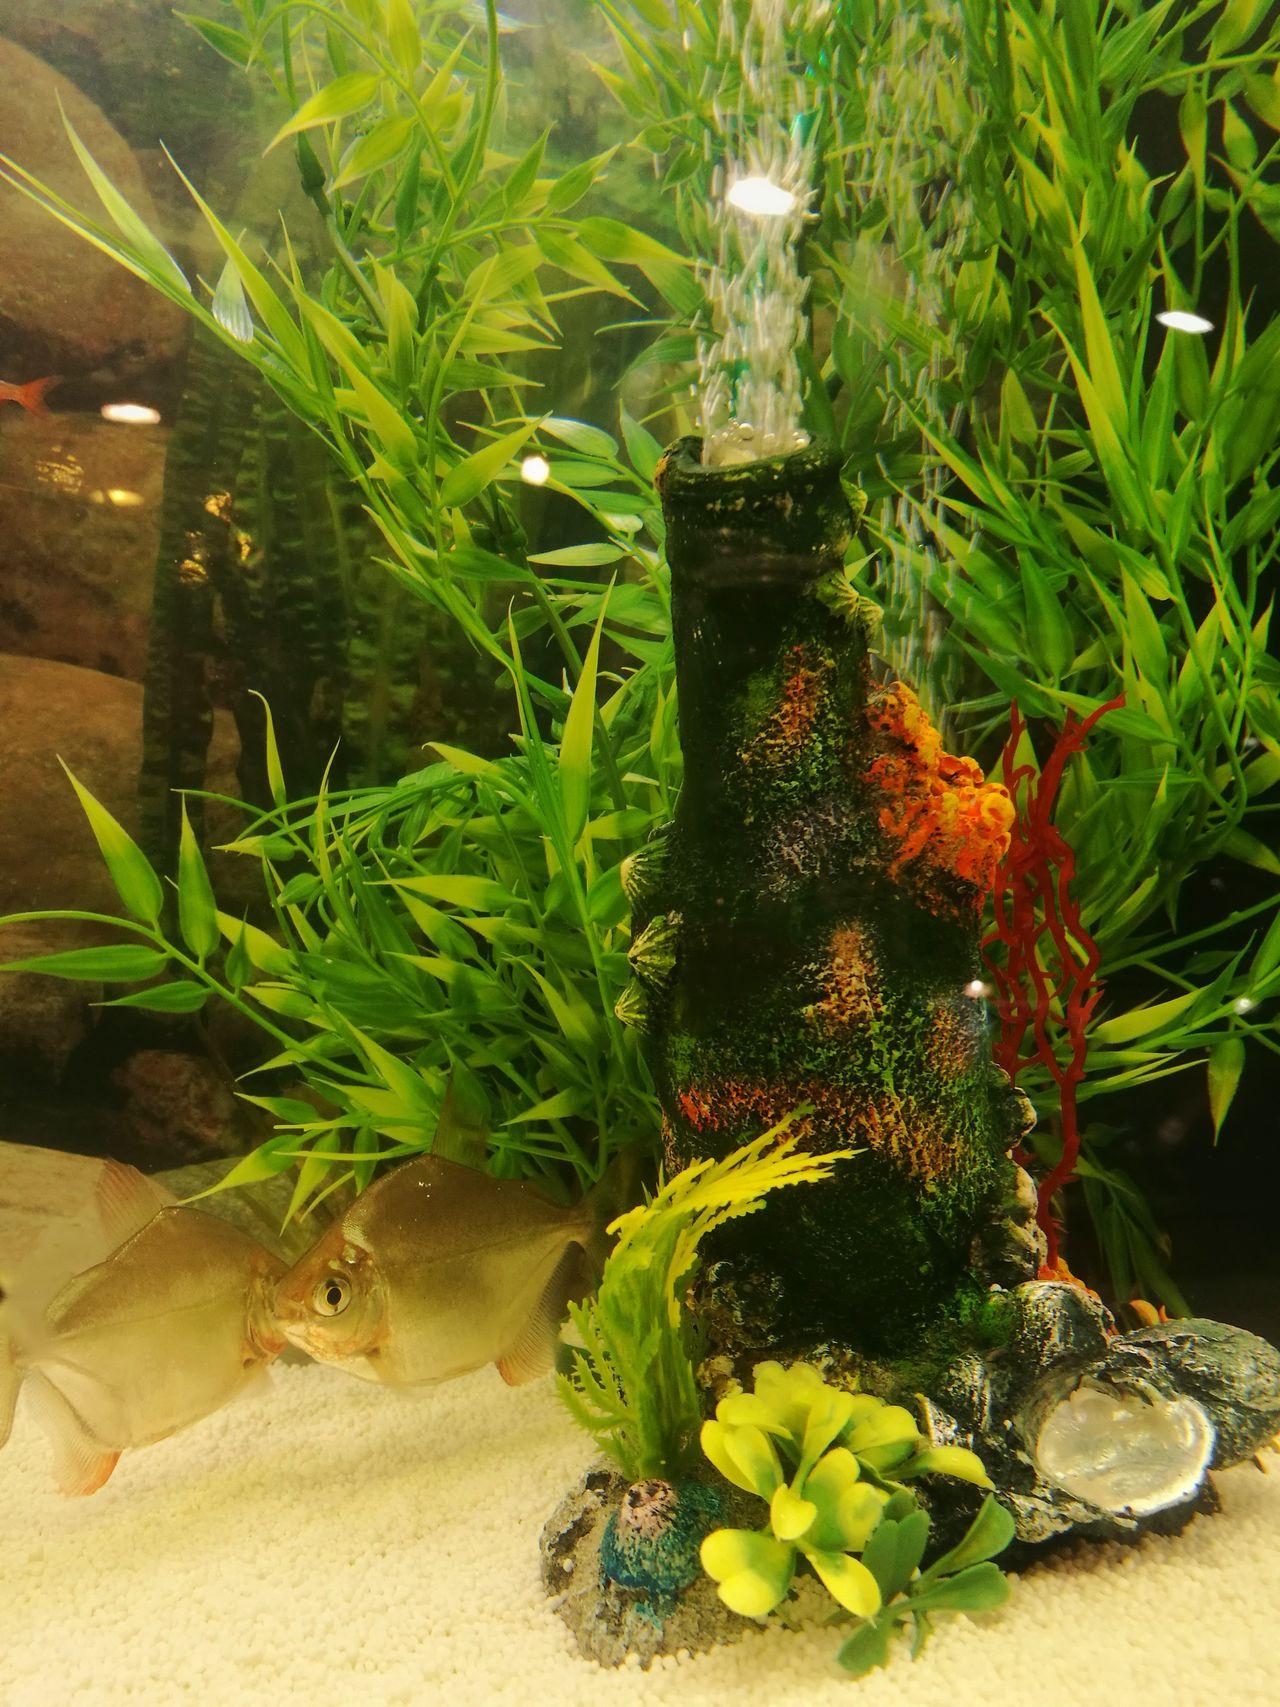 Aquarium Green Decoration Aquarium Fish Aquarium Photography Aquarium Life Underwater World Fishtank Fish Tank Decoration Fish Fish Tank Reflections Aquarium Close-up Piranhas